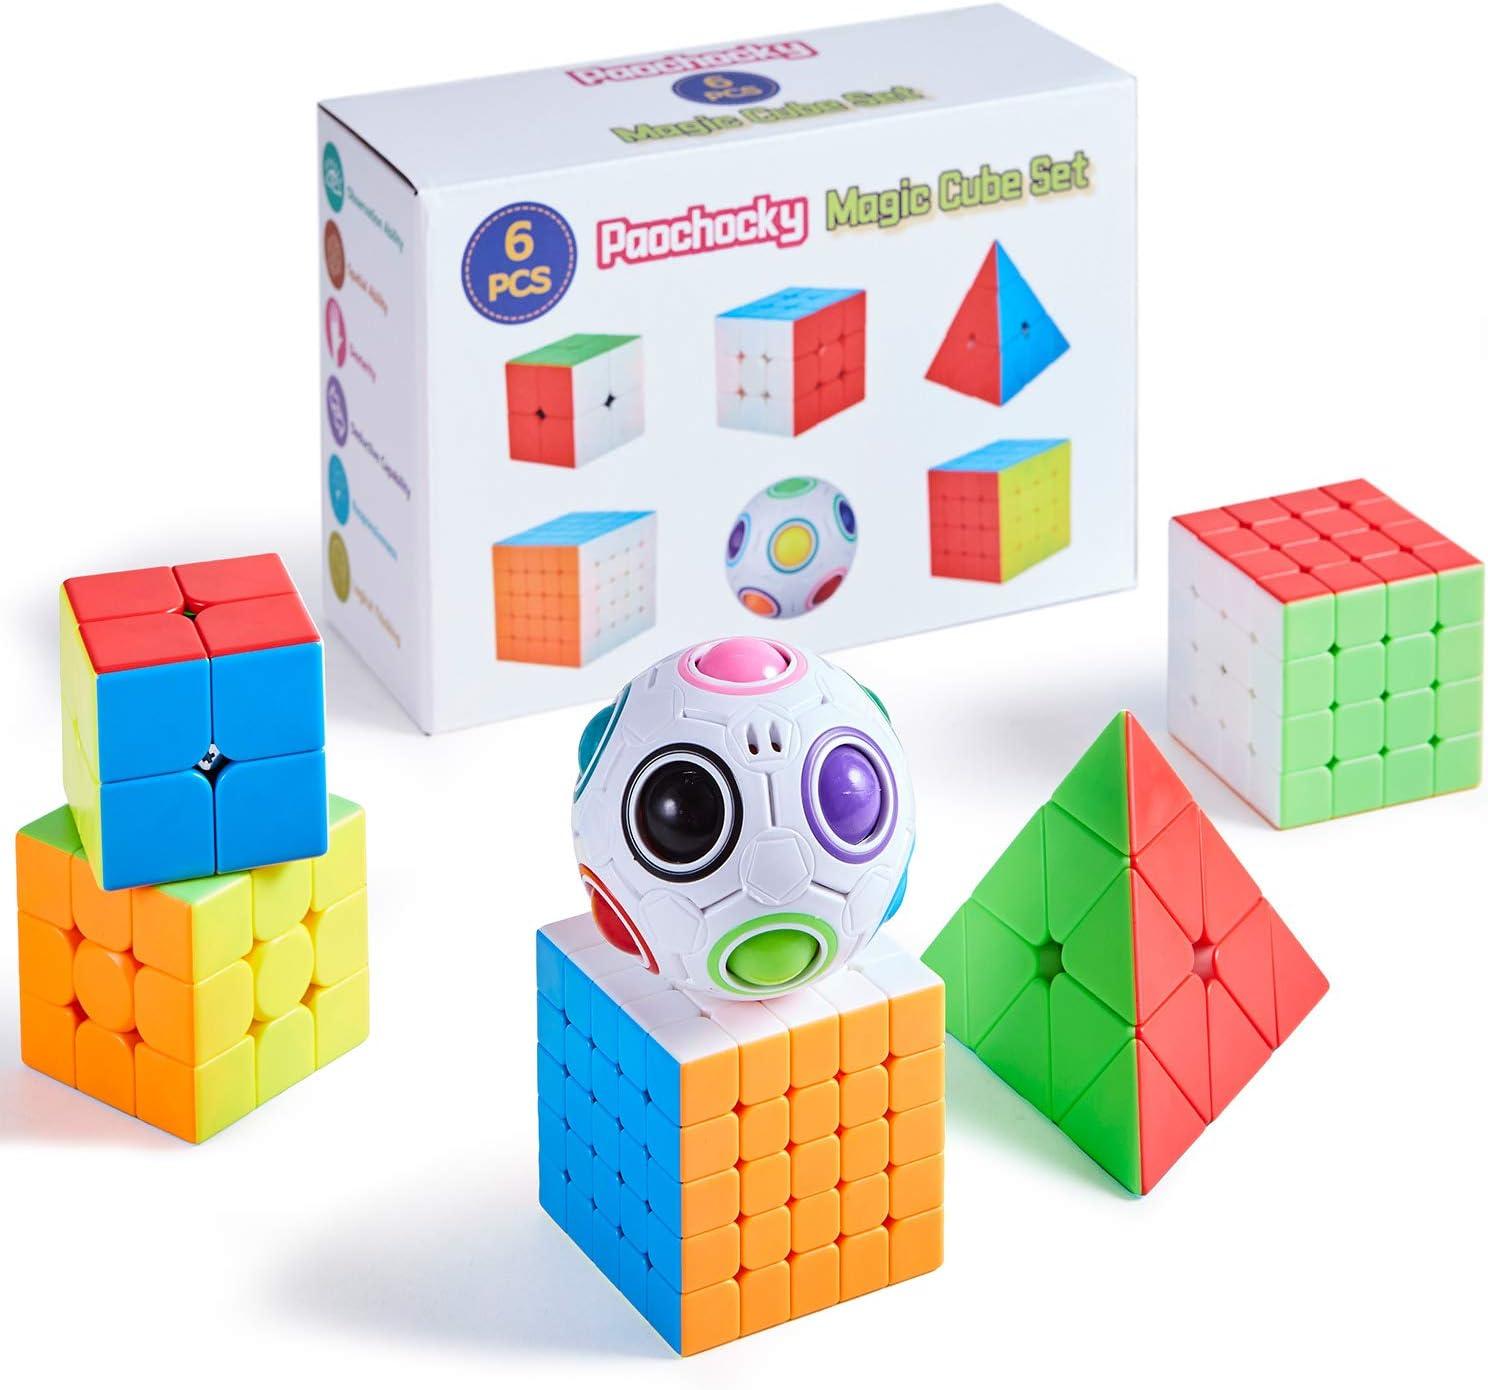 Pachock Cubo Mágico Puzzle Pack, Cubo de la Velocidad Paquete- 2x2 3x3 4x4 5x5 Cubo de la Pirámide Magic Rainball Ball, con Caja de Regalo